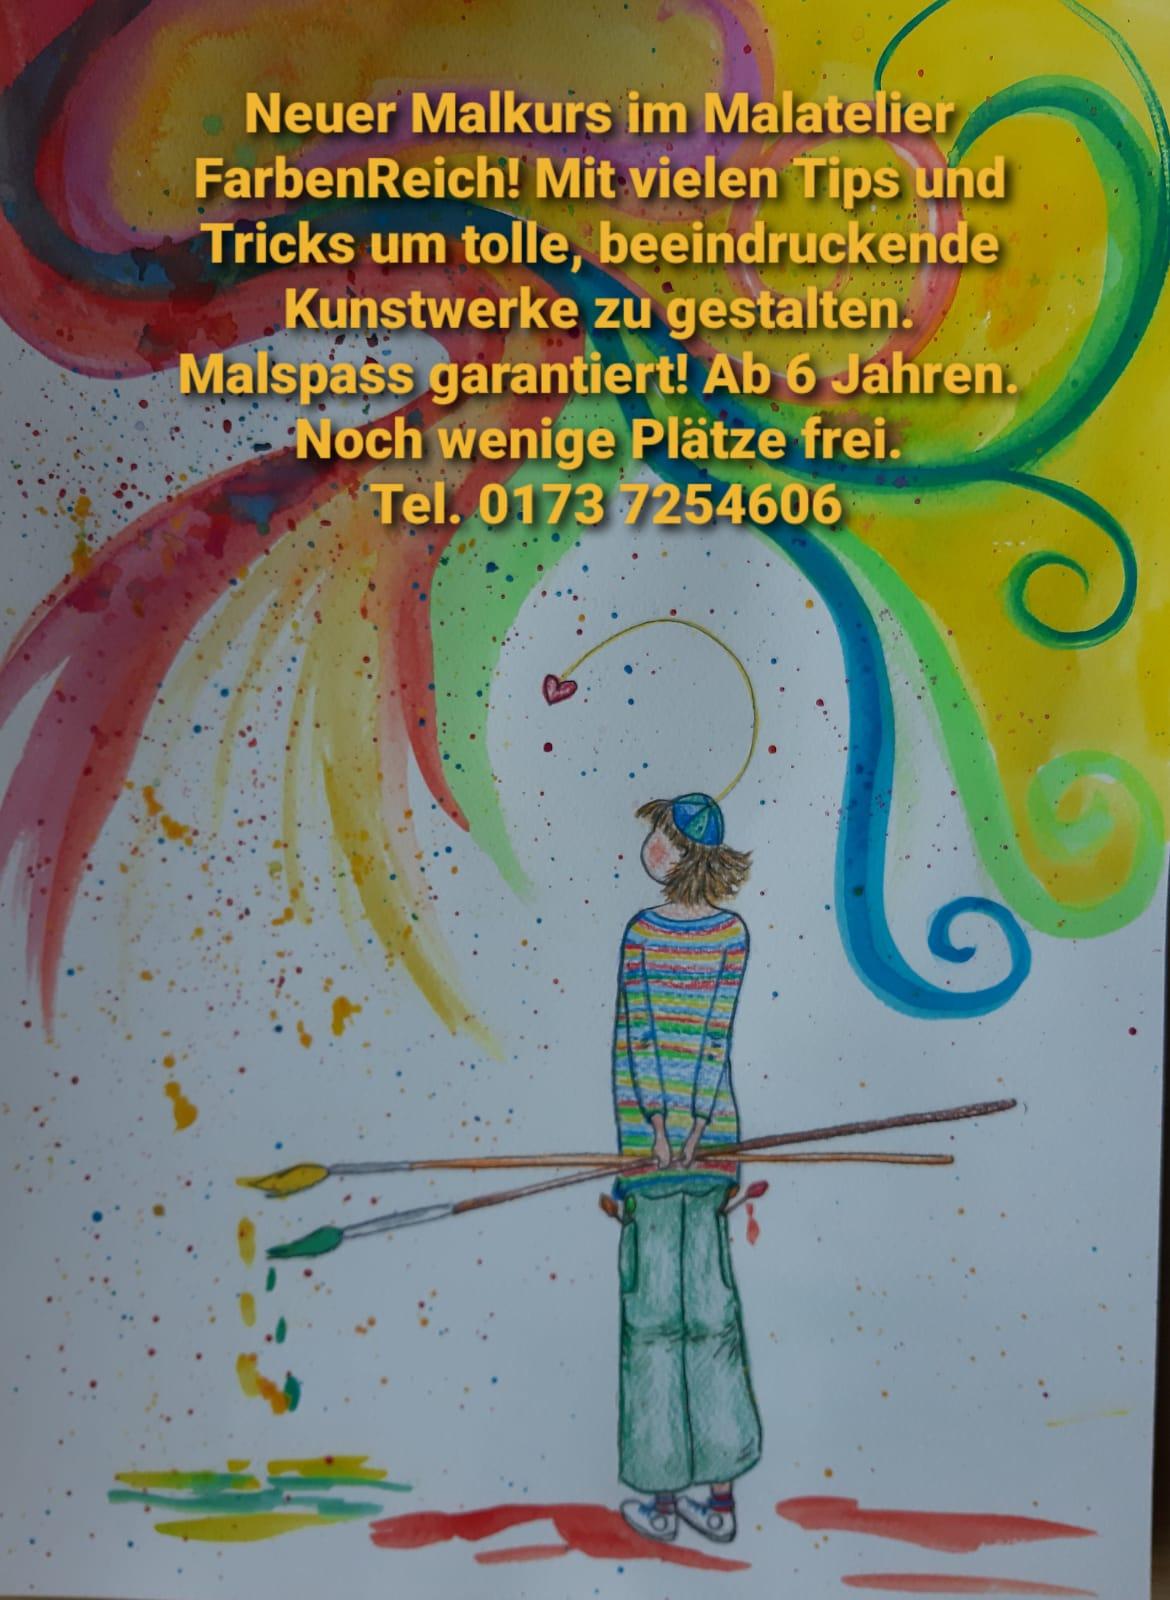 Neuer Malkurs im Malatelier FarbenReich um beeindruckende Kunstwerke zu gestalten. Ab 6 Jahren - jetzt anmelden!